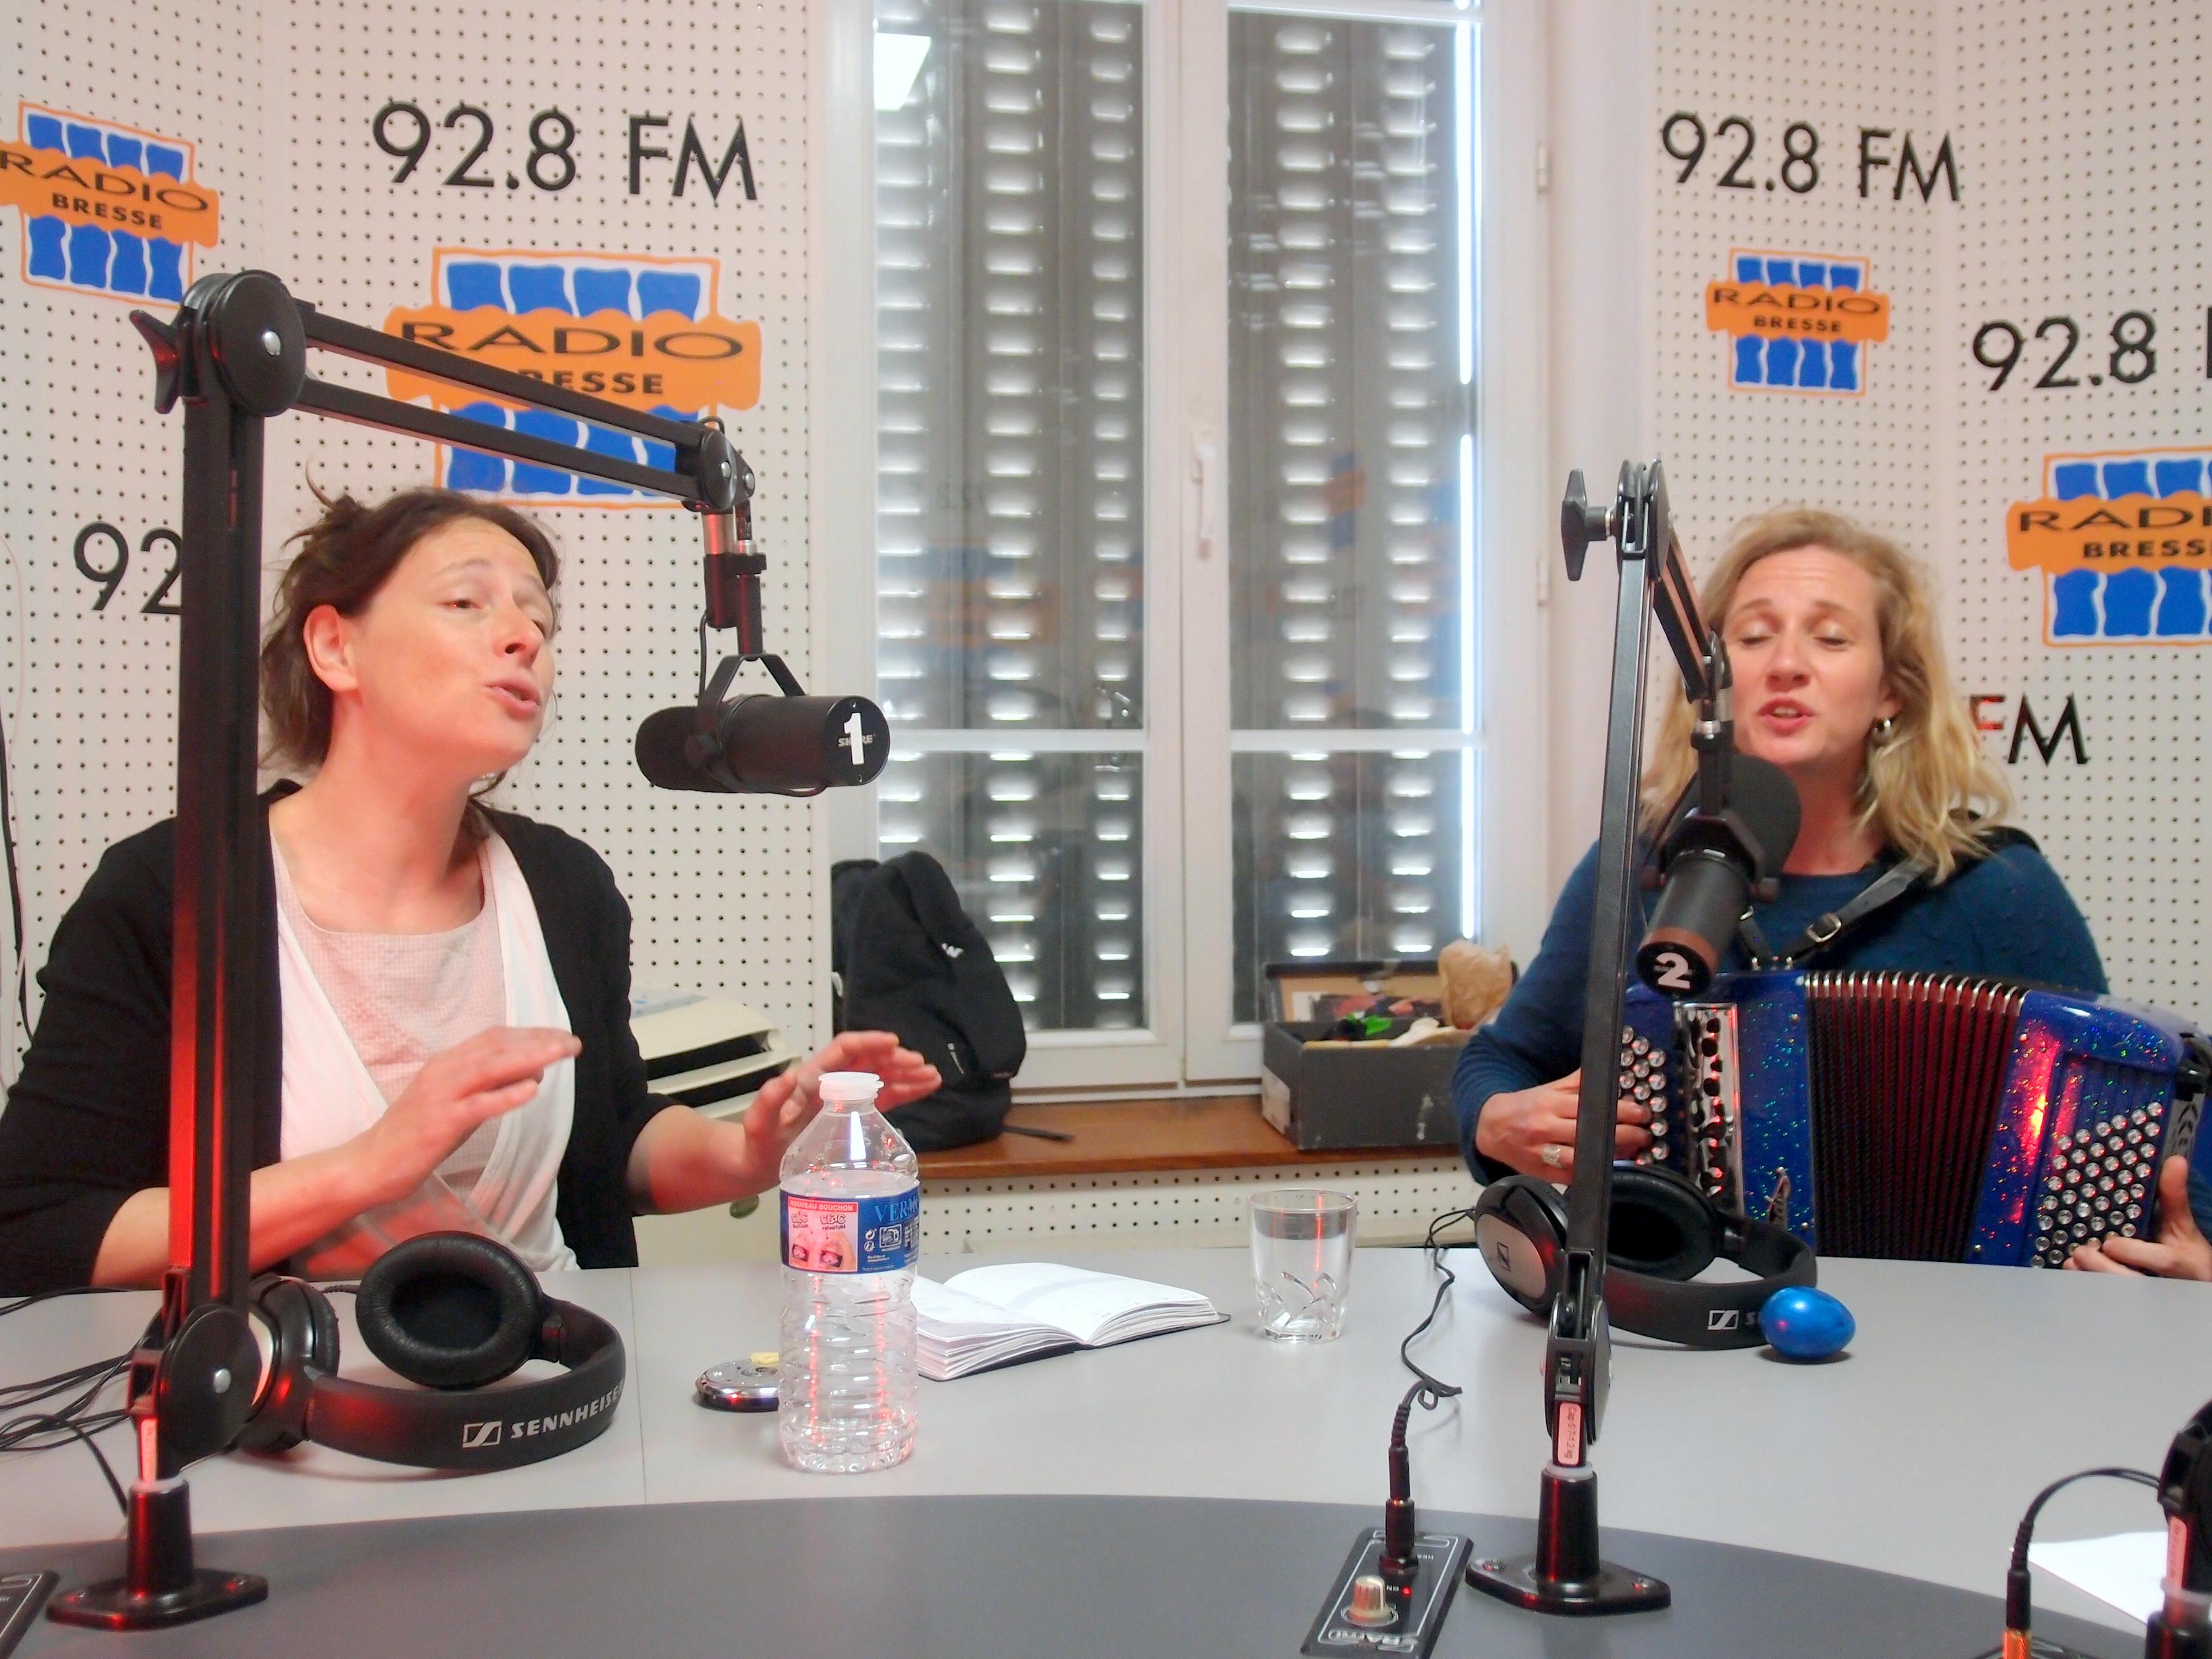 Les folles de Léon en live dans Radio Ziko Thérapie